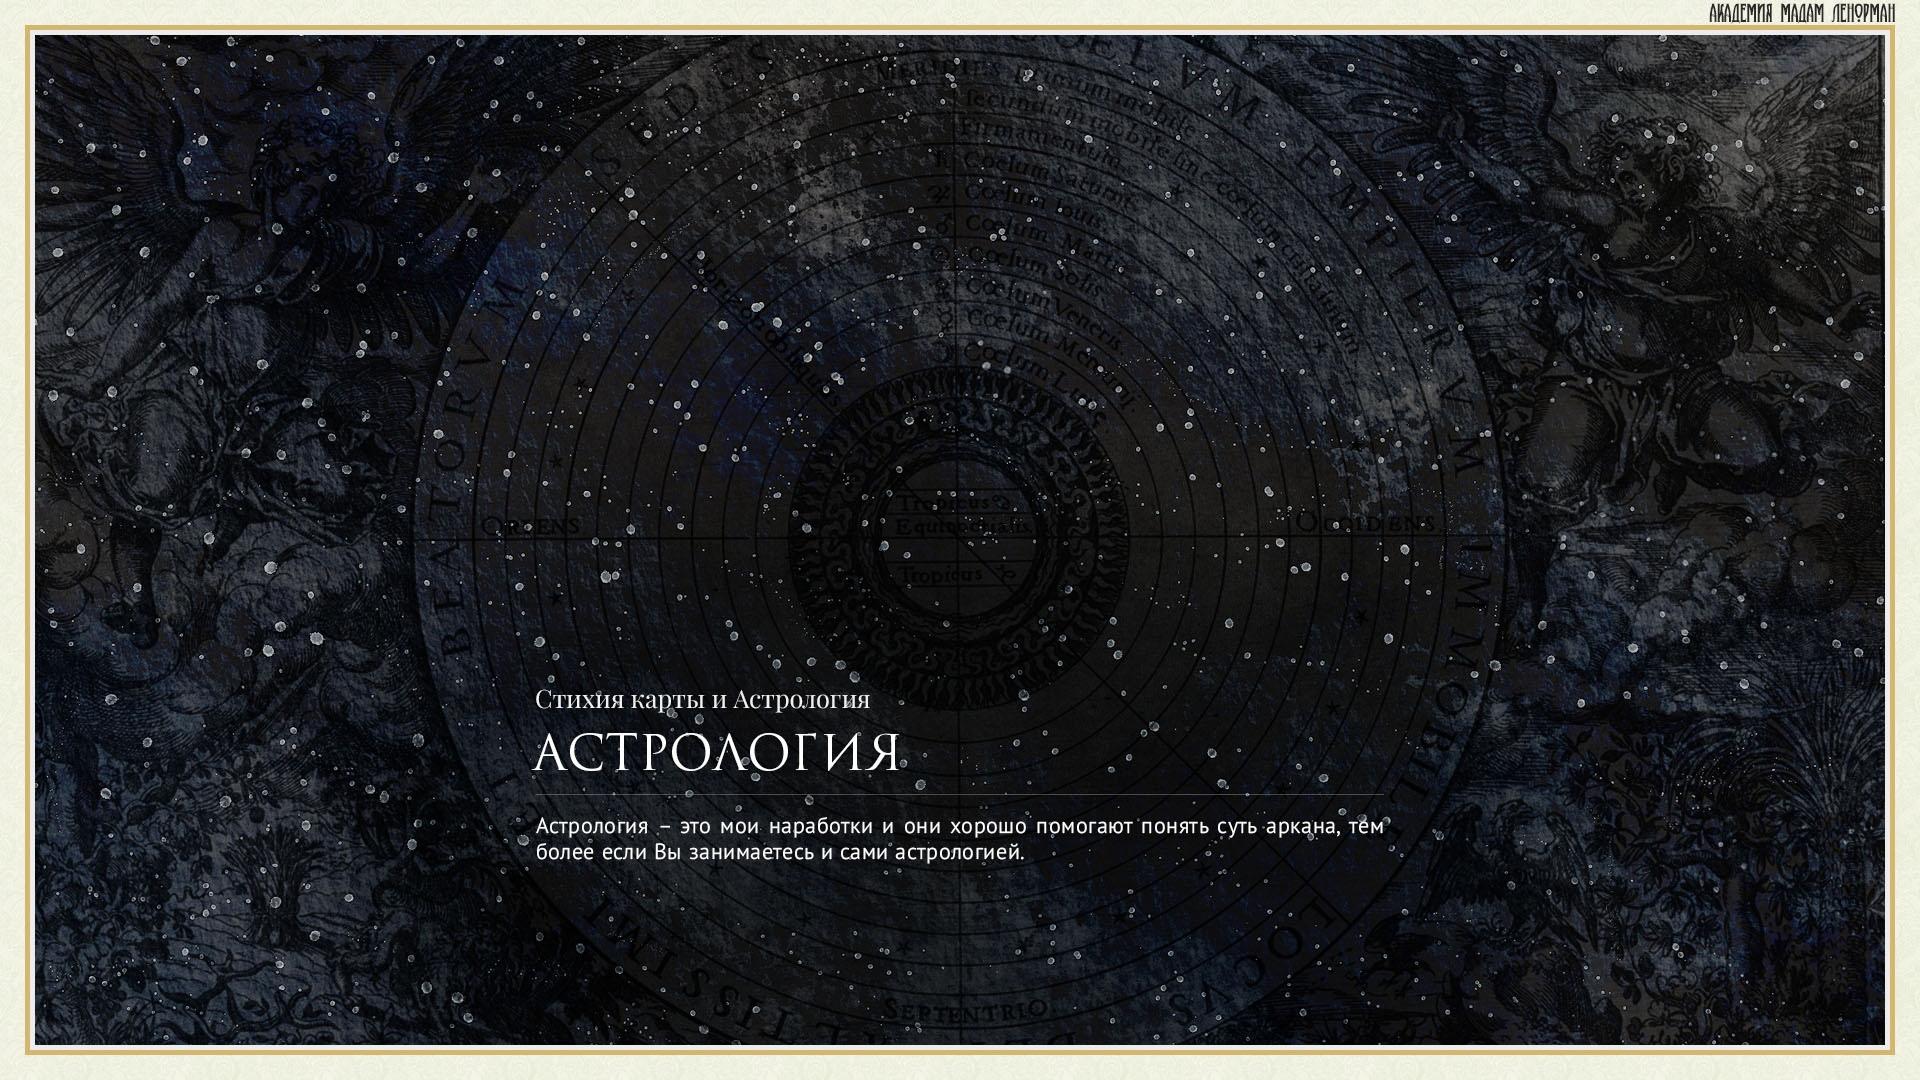 Астрология в Ленорман